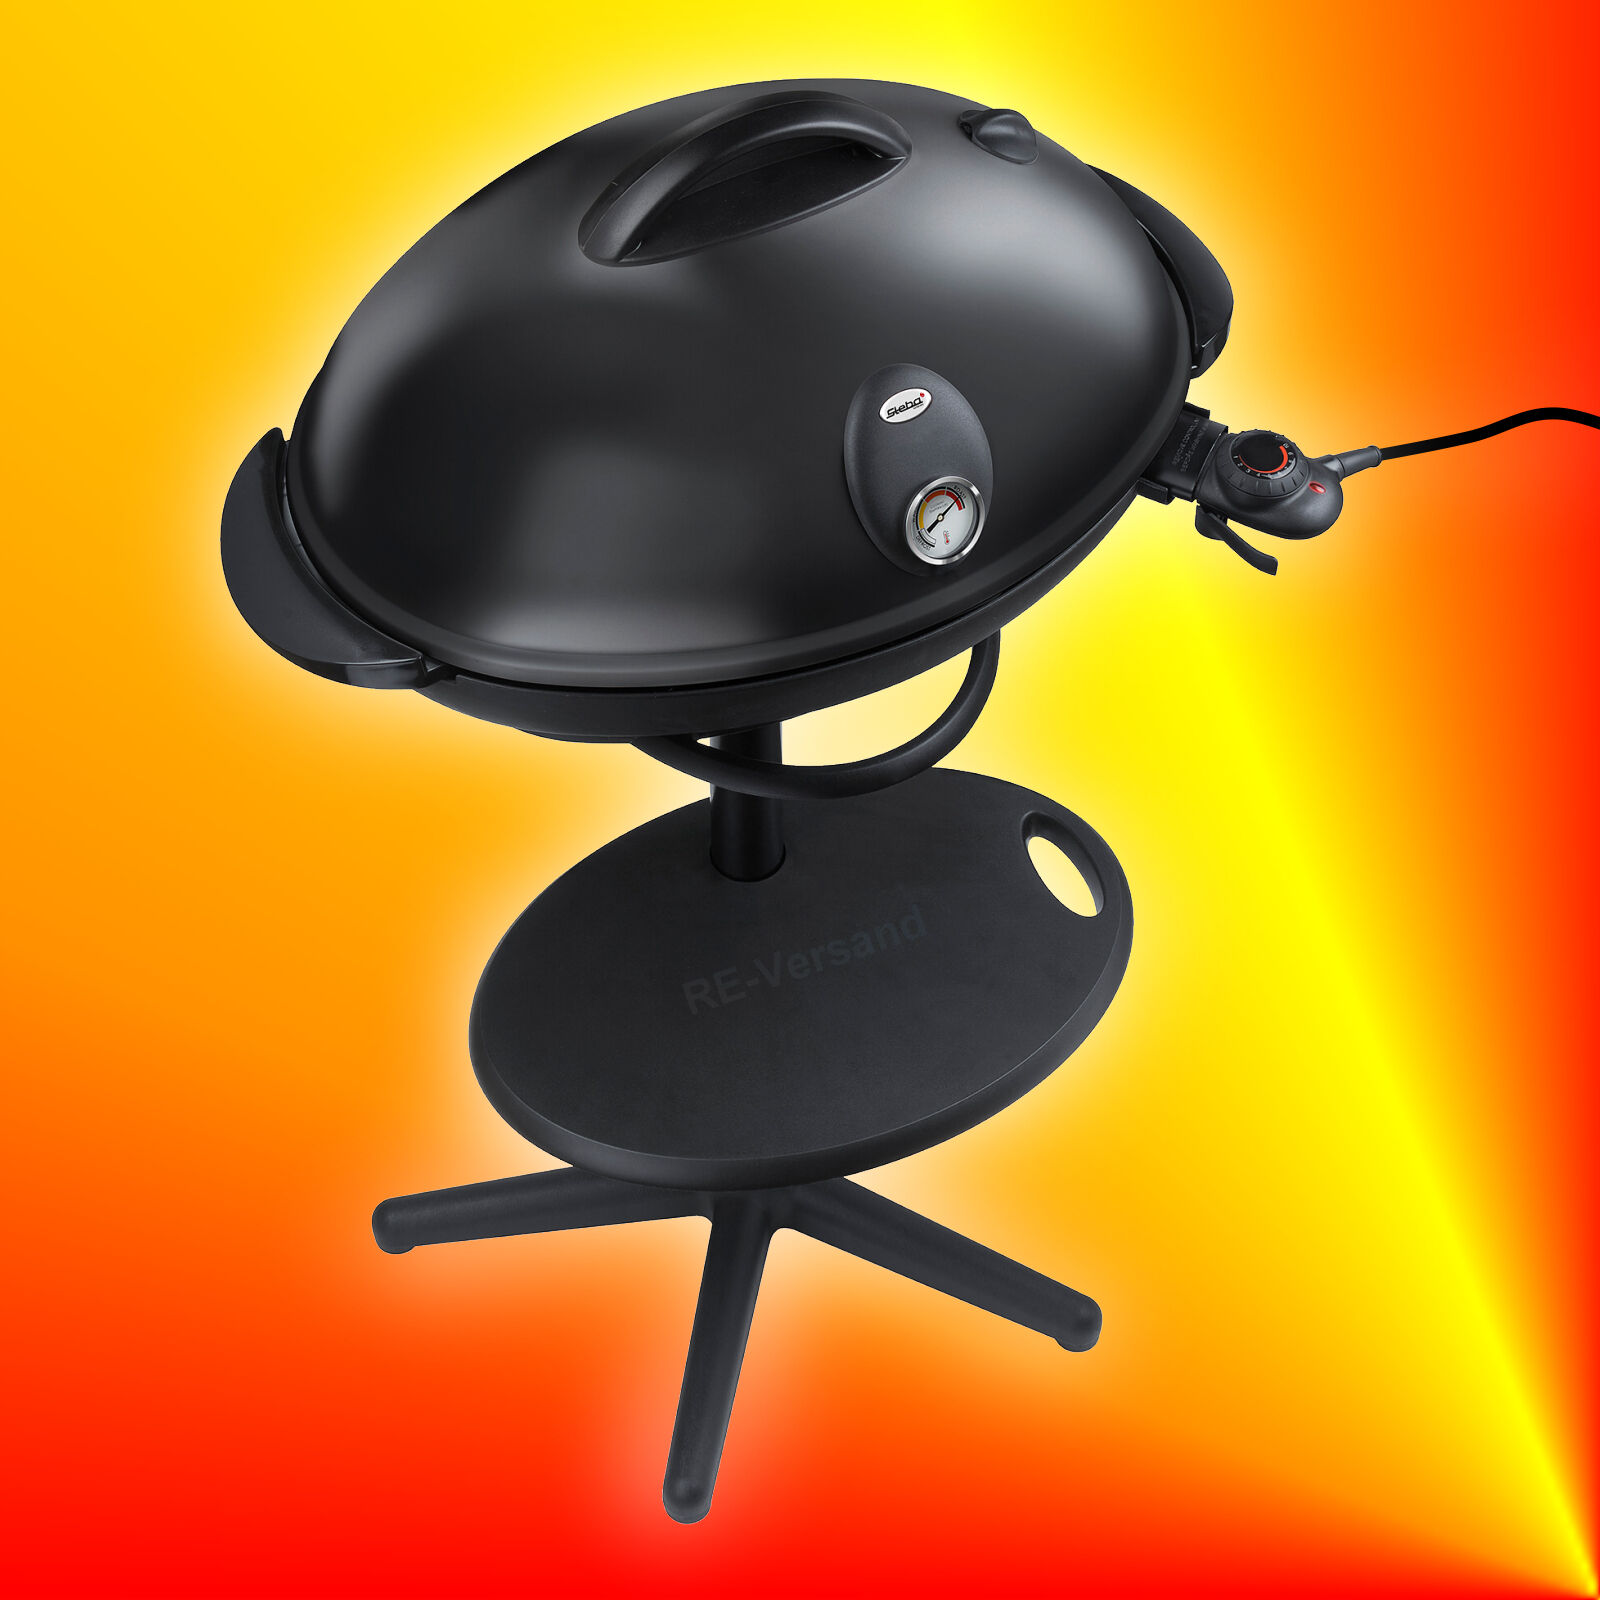 steba grill vg 350 test vergleich +++ steba grill vg 350 günstig kaufen!